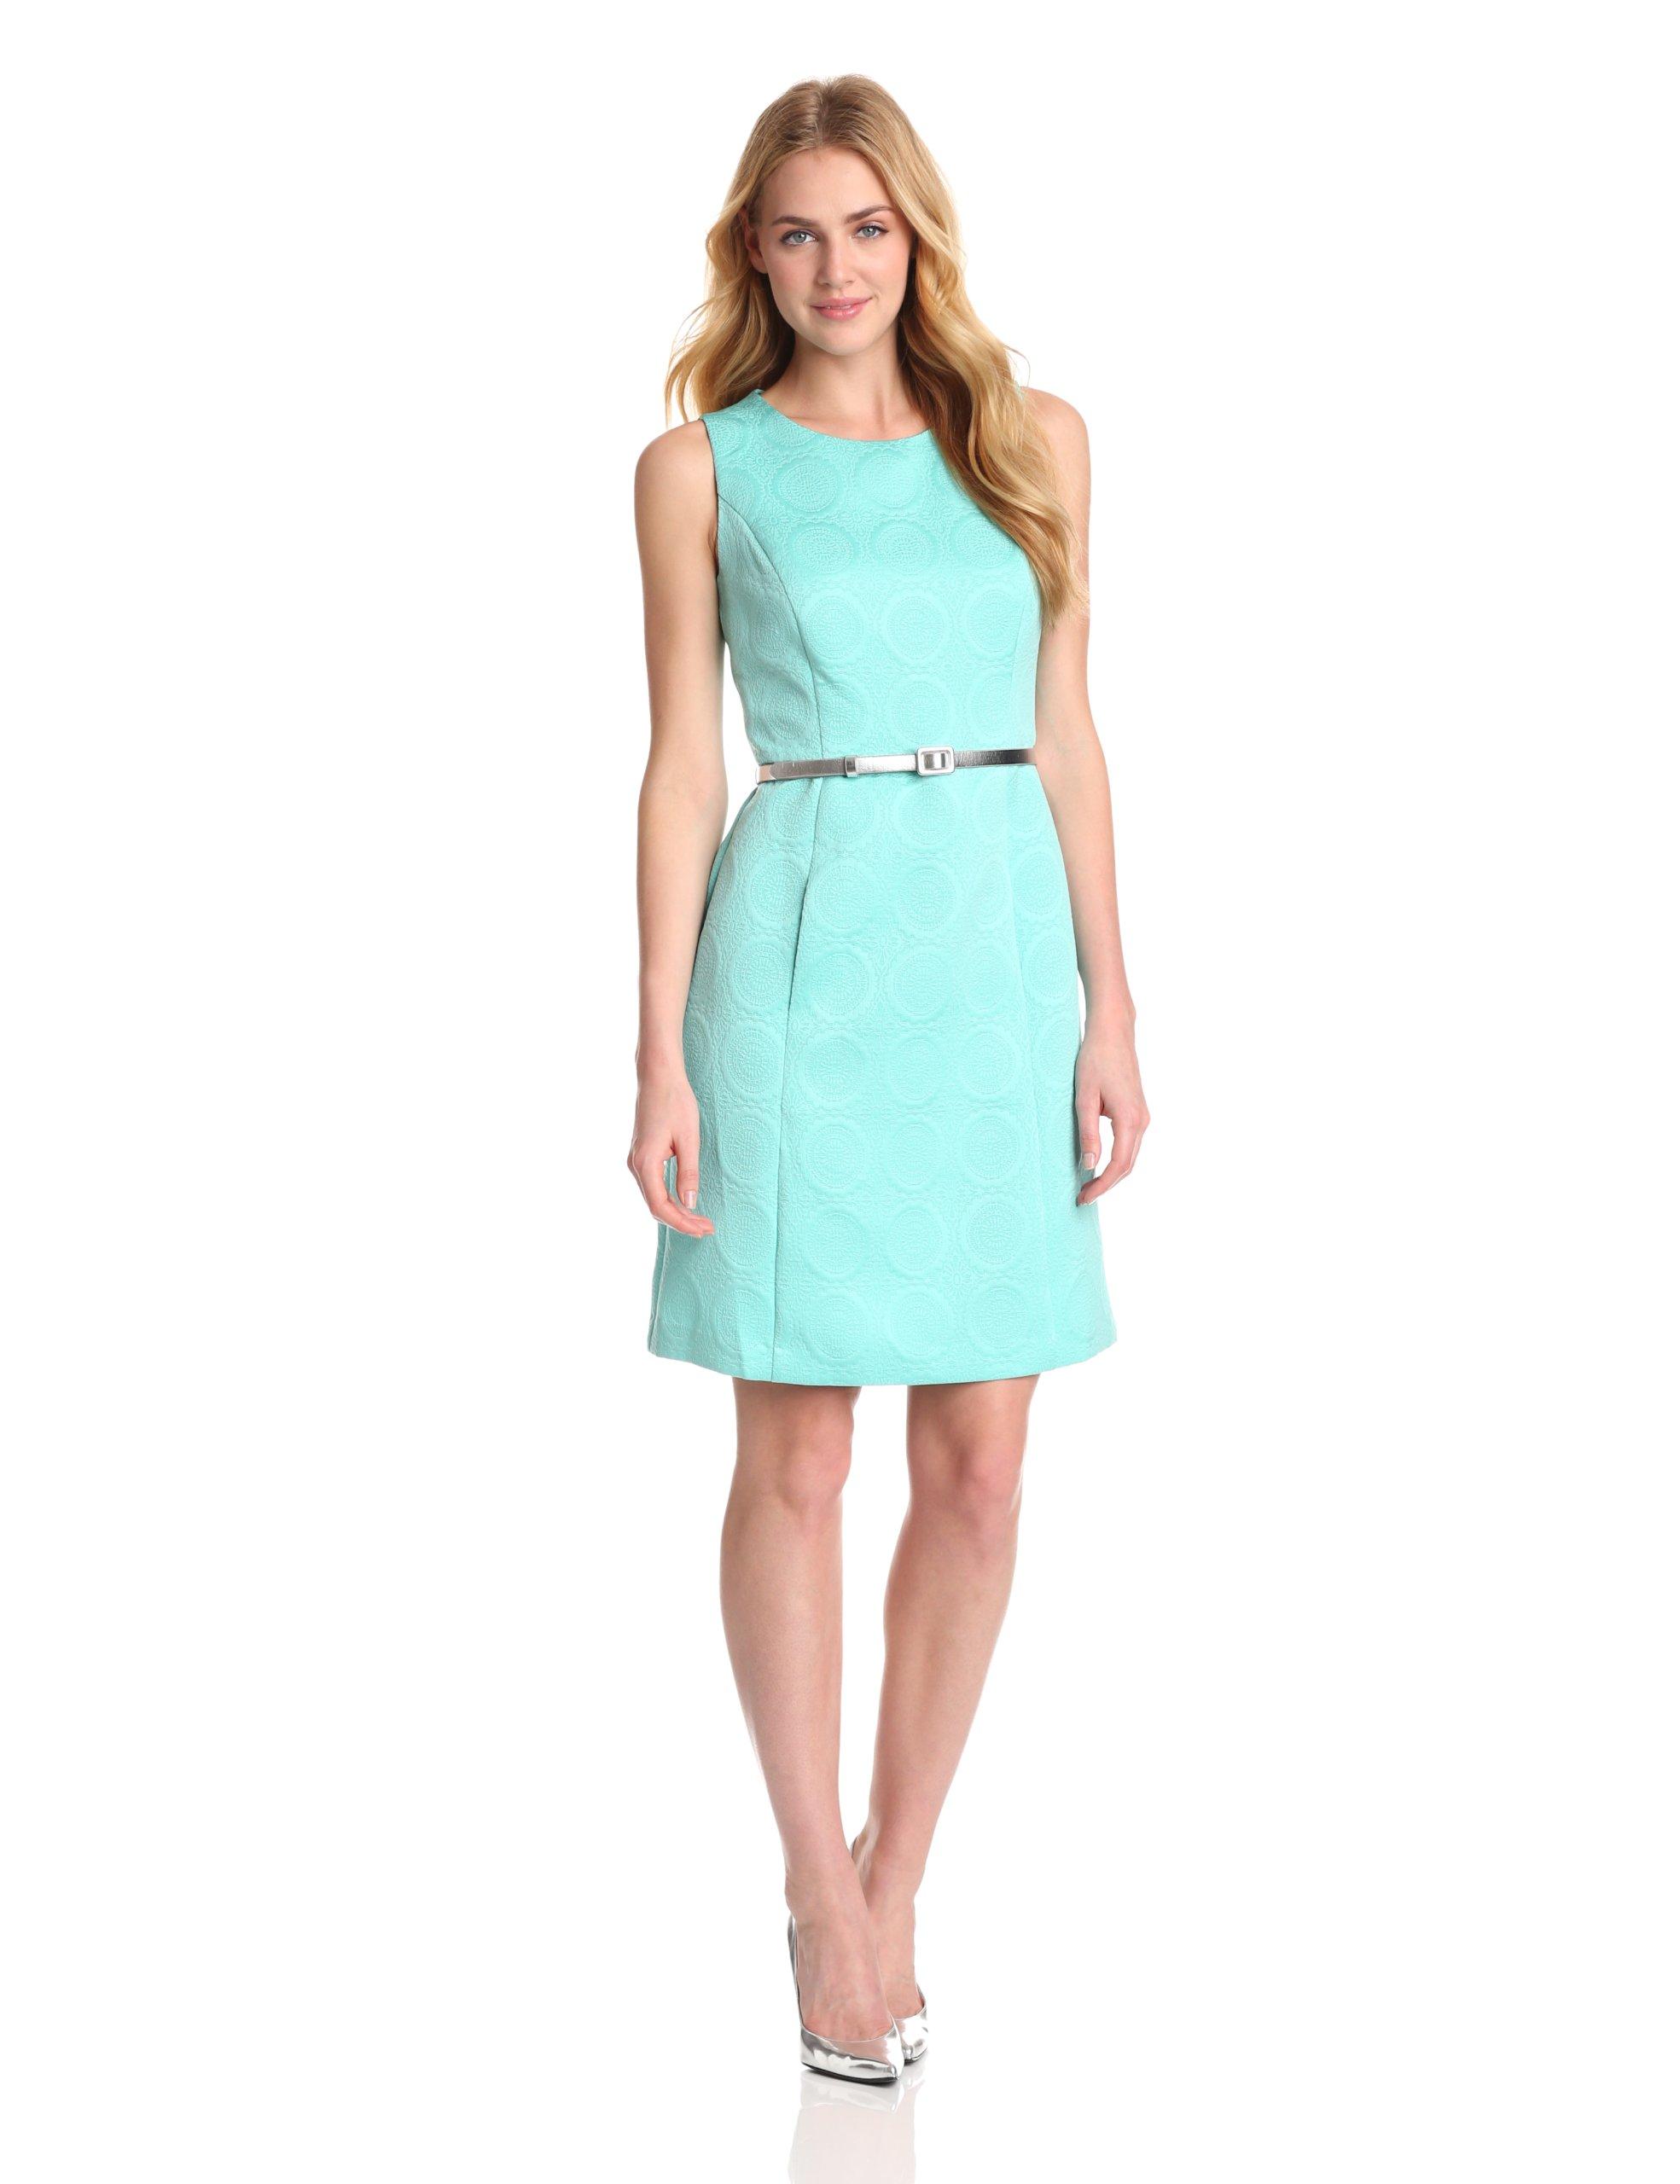 9537101bd0d98 Women s Dresses Collection  April 2013